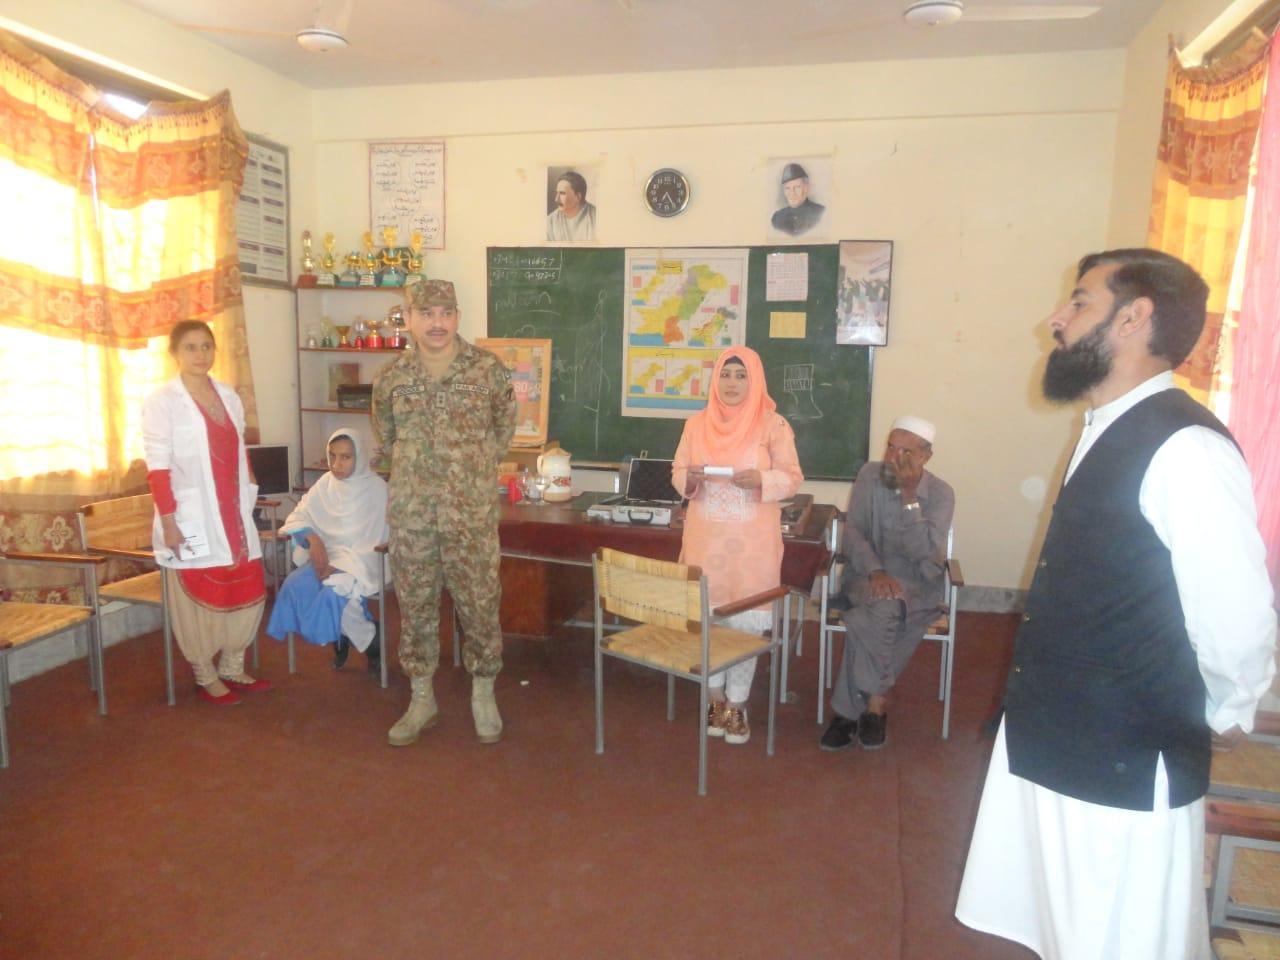 پاک فوج کے تعاون سے الشفاء آئی ٹرسٹ کے ڈاکٹرز کا سوات کے مختلف اسکولوں میں فری آئی کمپس کا انعقاد